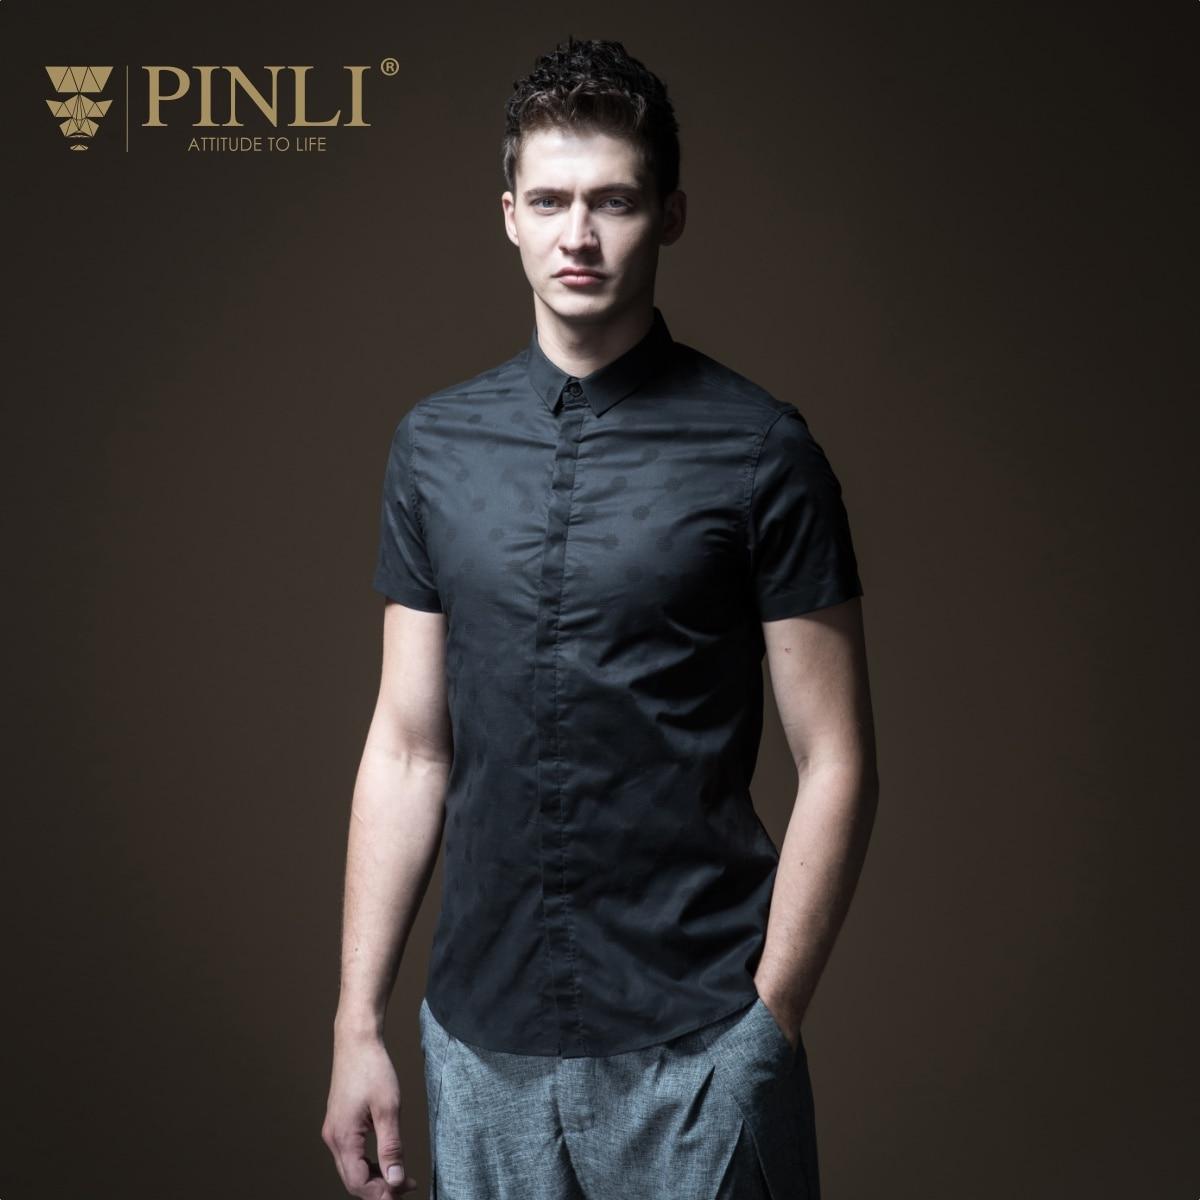 67192676b ชายเสื้อ Blusas Masculina จริง Pinli ปกติ Pin Li ฤดูร้อนใหม่ผู้ชายชุด,  สีสบายๆสบายๆแขนสั้นเสื้อ B182613498 ~ Free Delivery June 2019